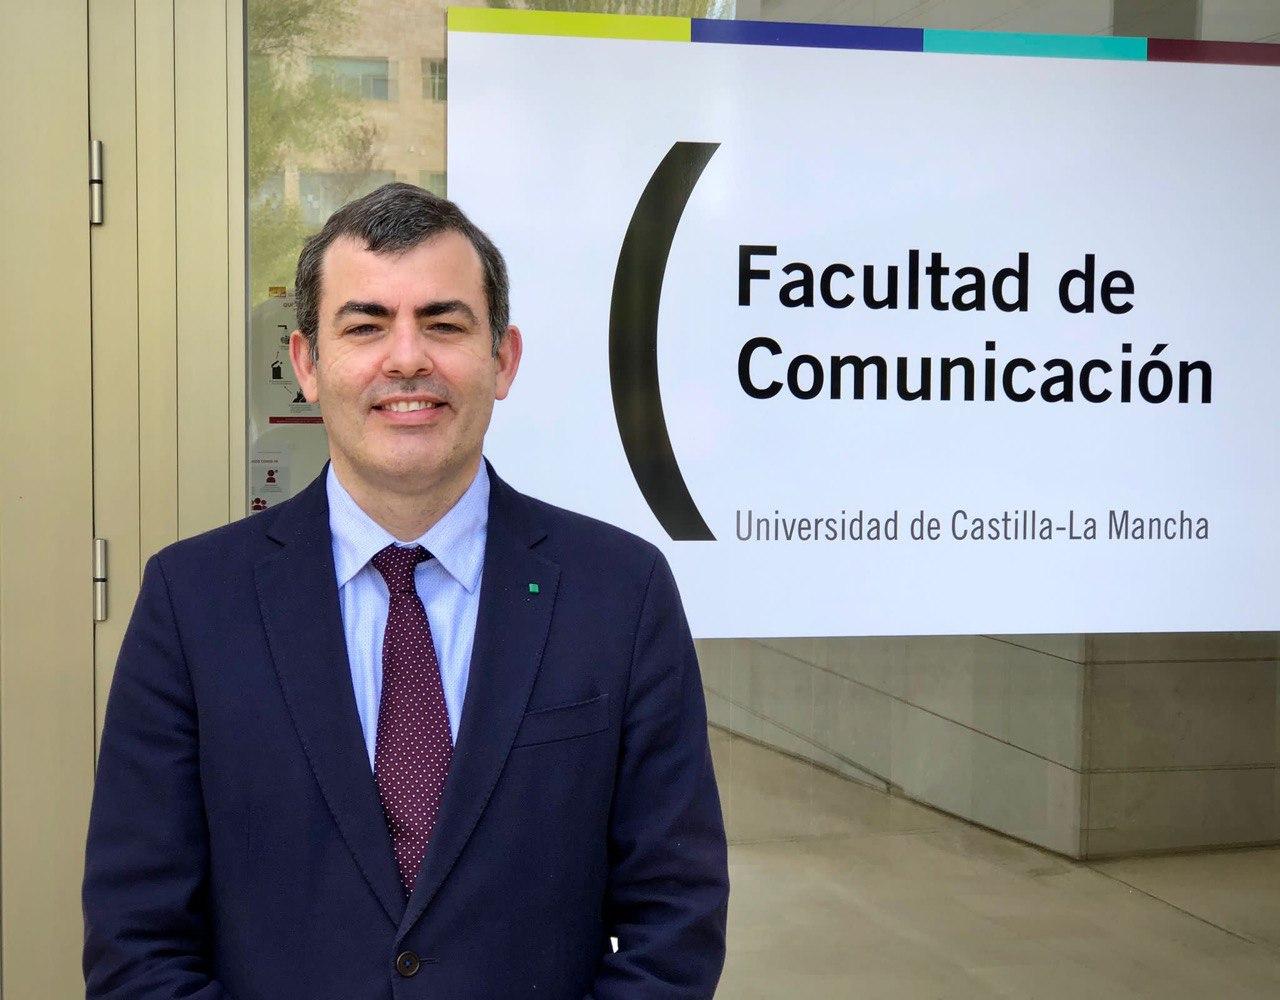 José María Herranz de la Casa, el nuevo decano de la Facultad de Comunicación de la UCLM.